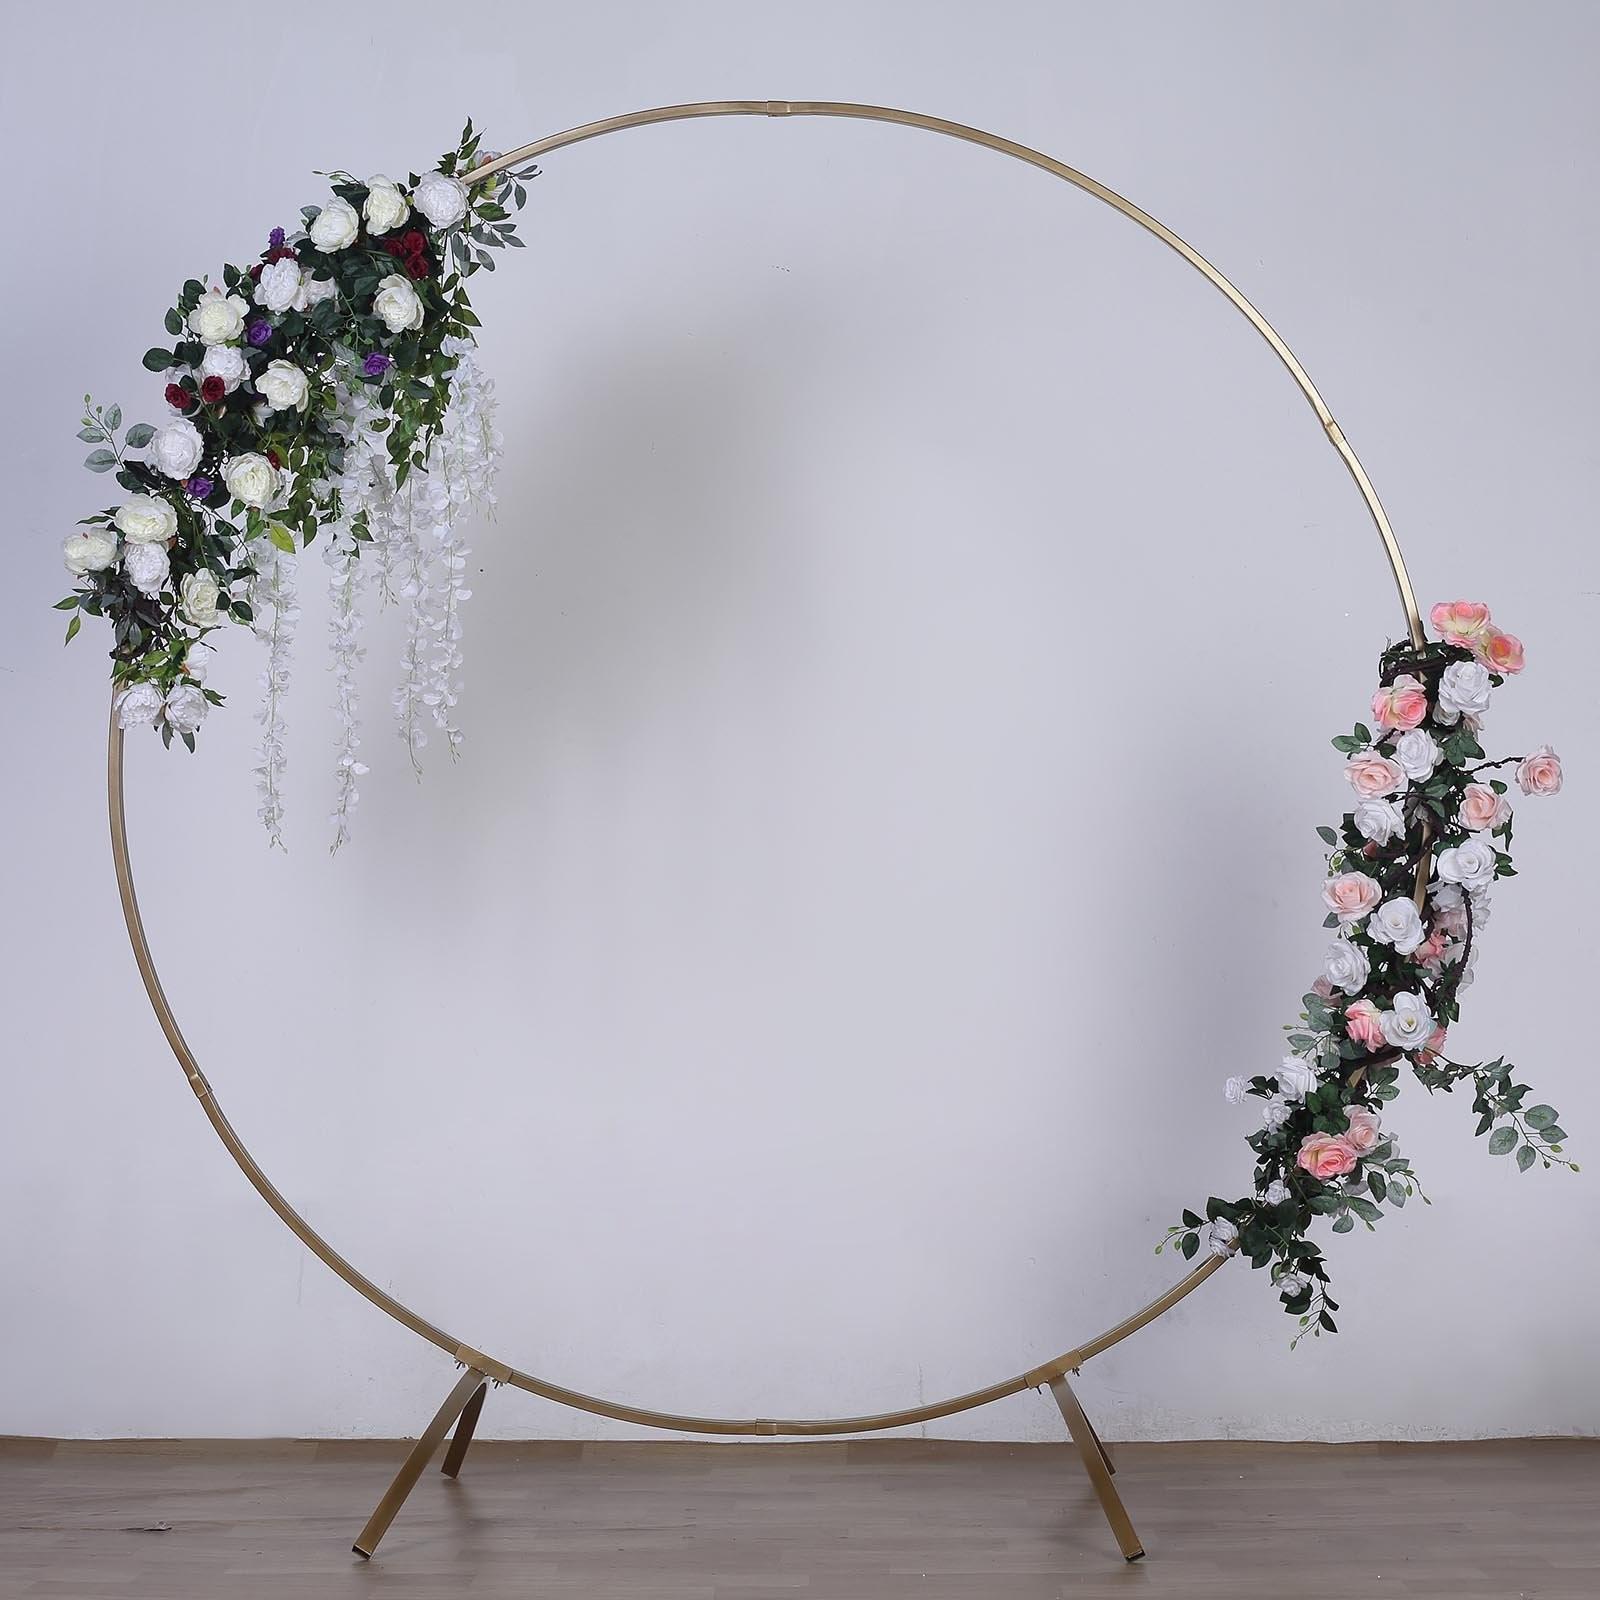 Location cercle arche pour décoration mariage - 35.00€